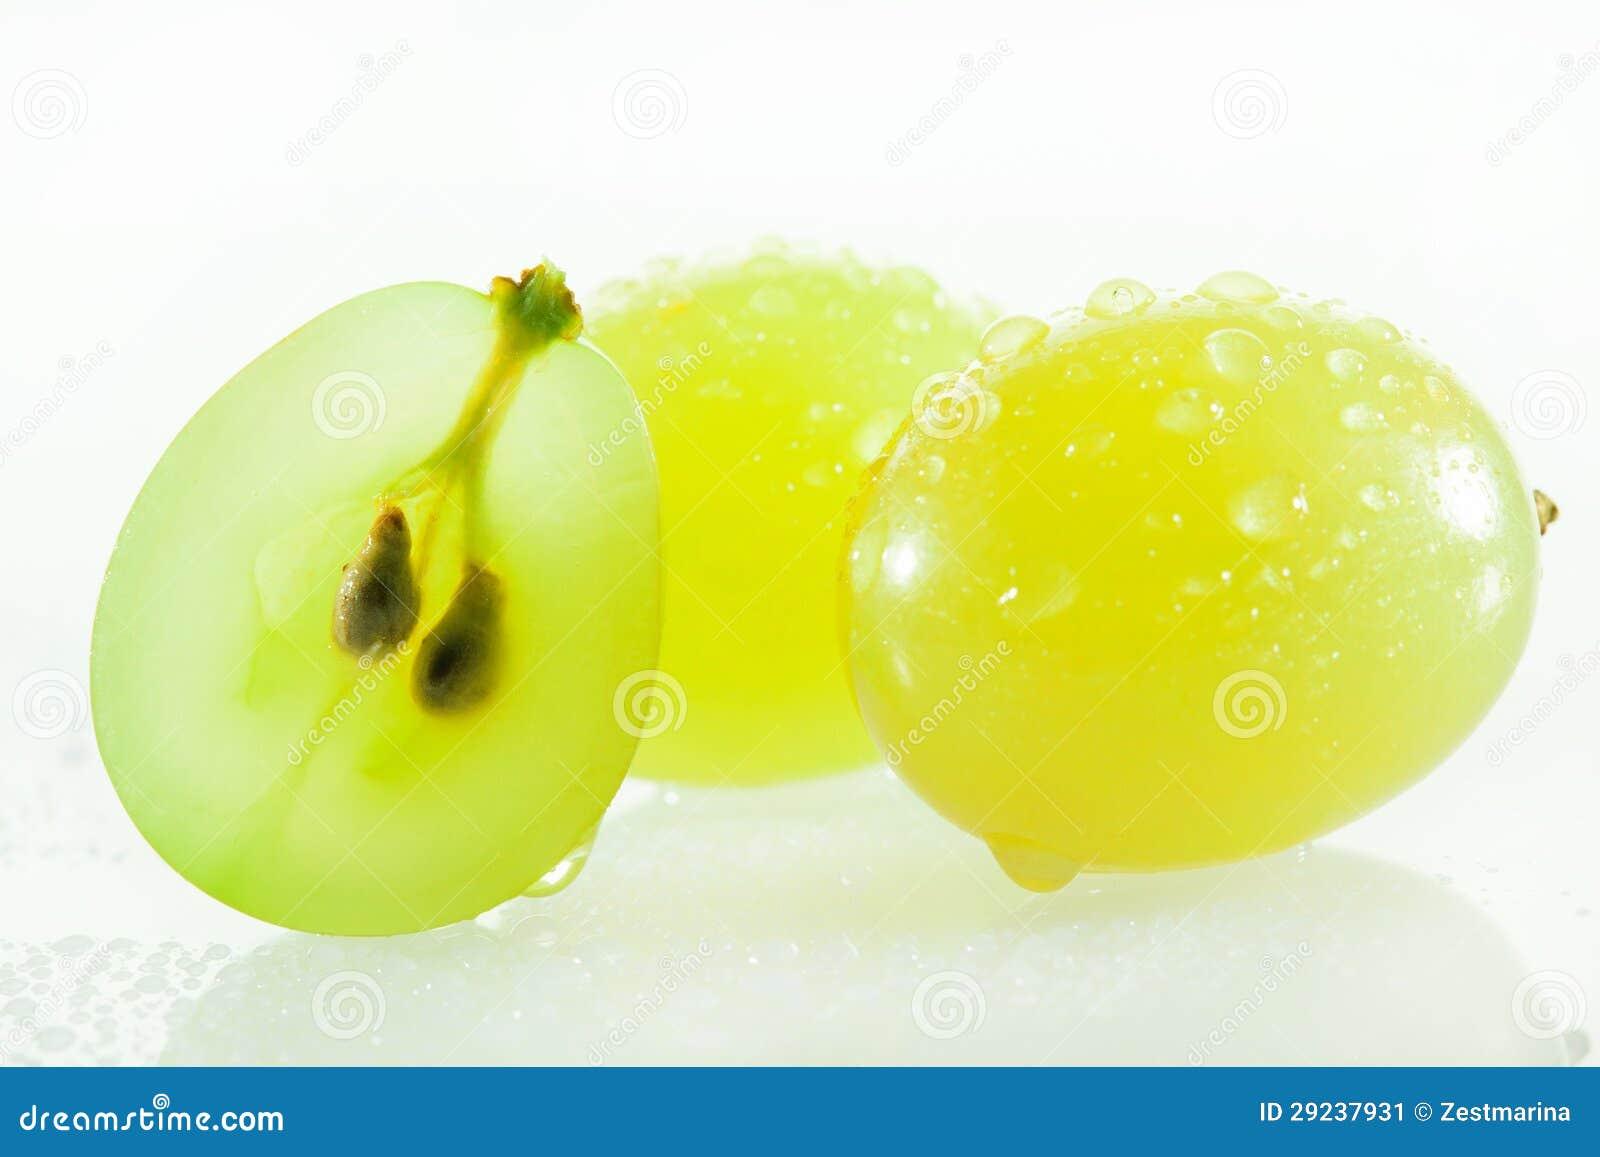 Download Uvas verdes suculentas imagem de stock. Imagem de dietético - 29237931